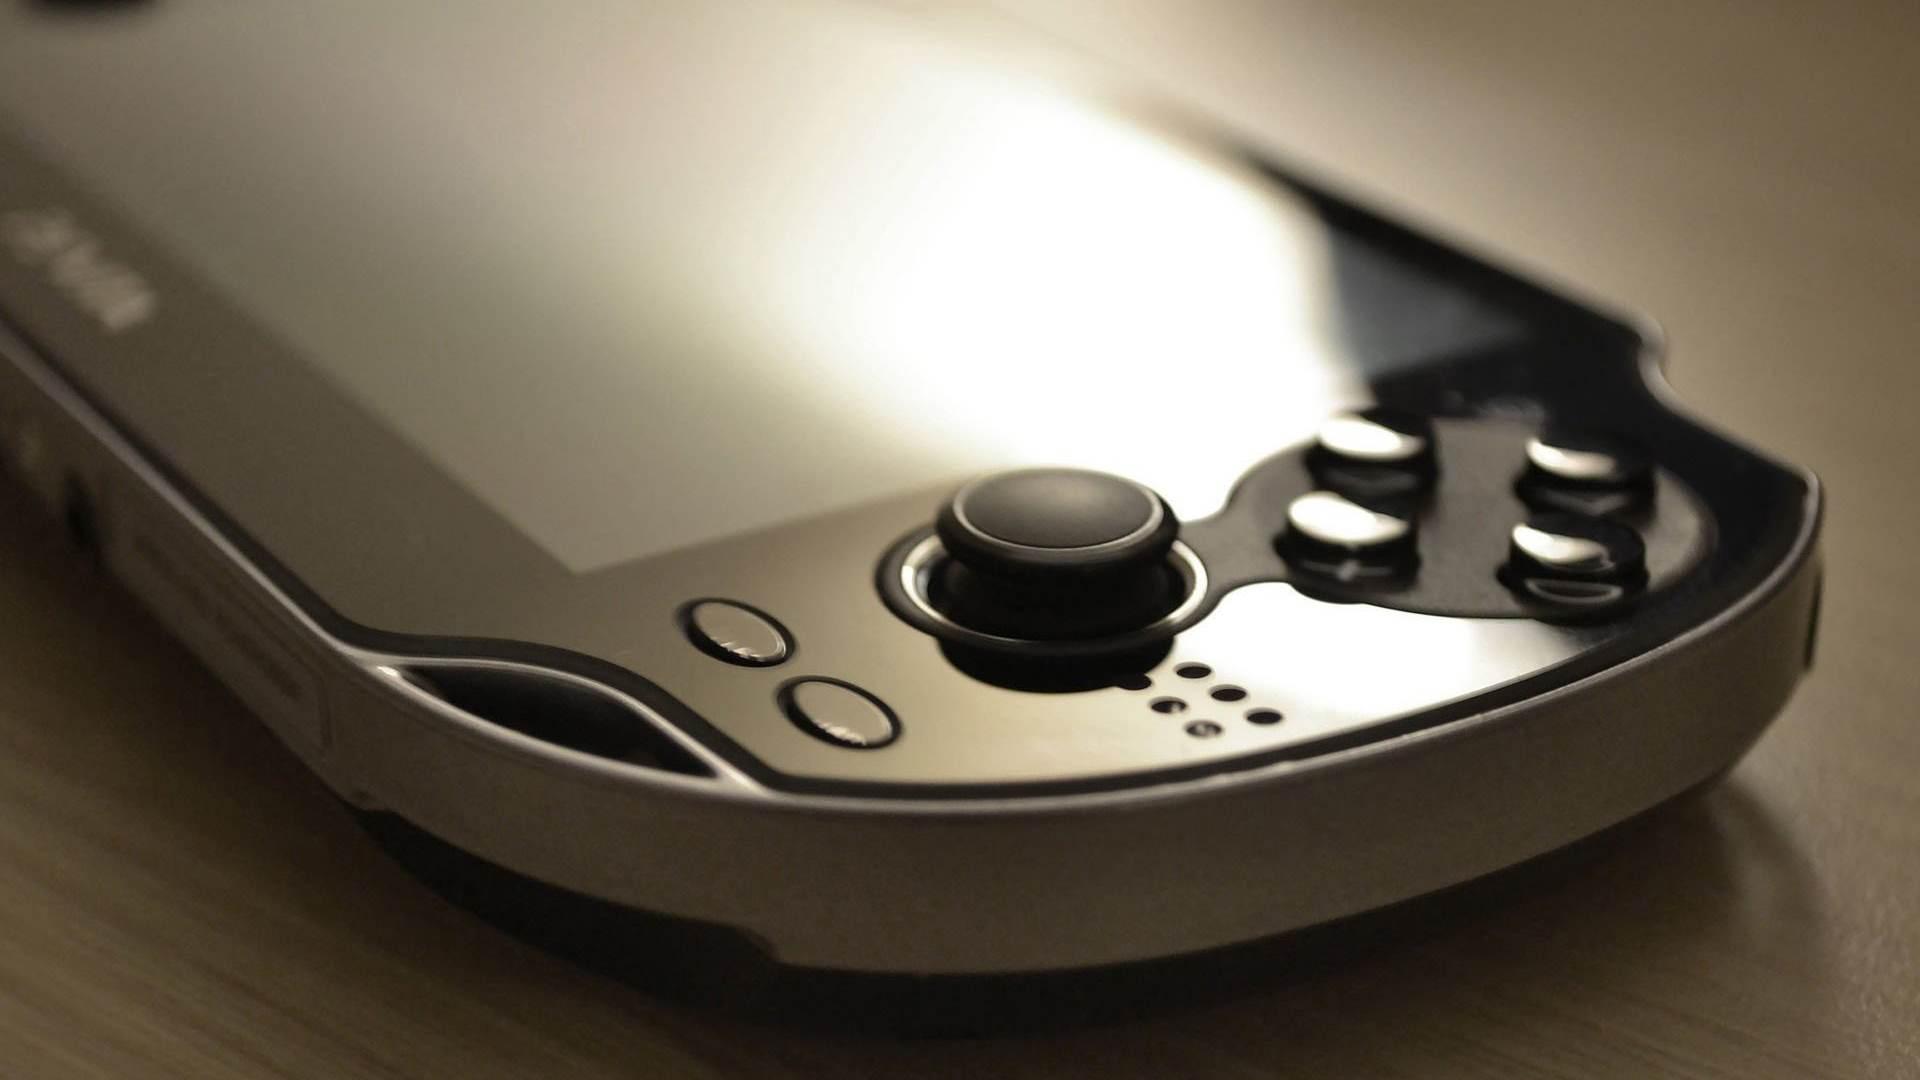 R.I.P PS Vita